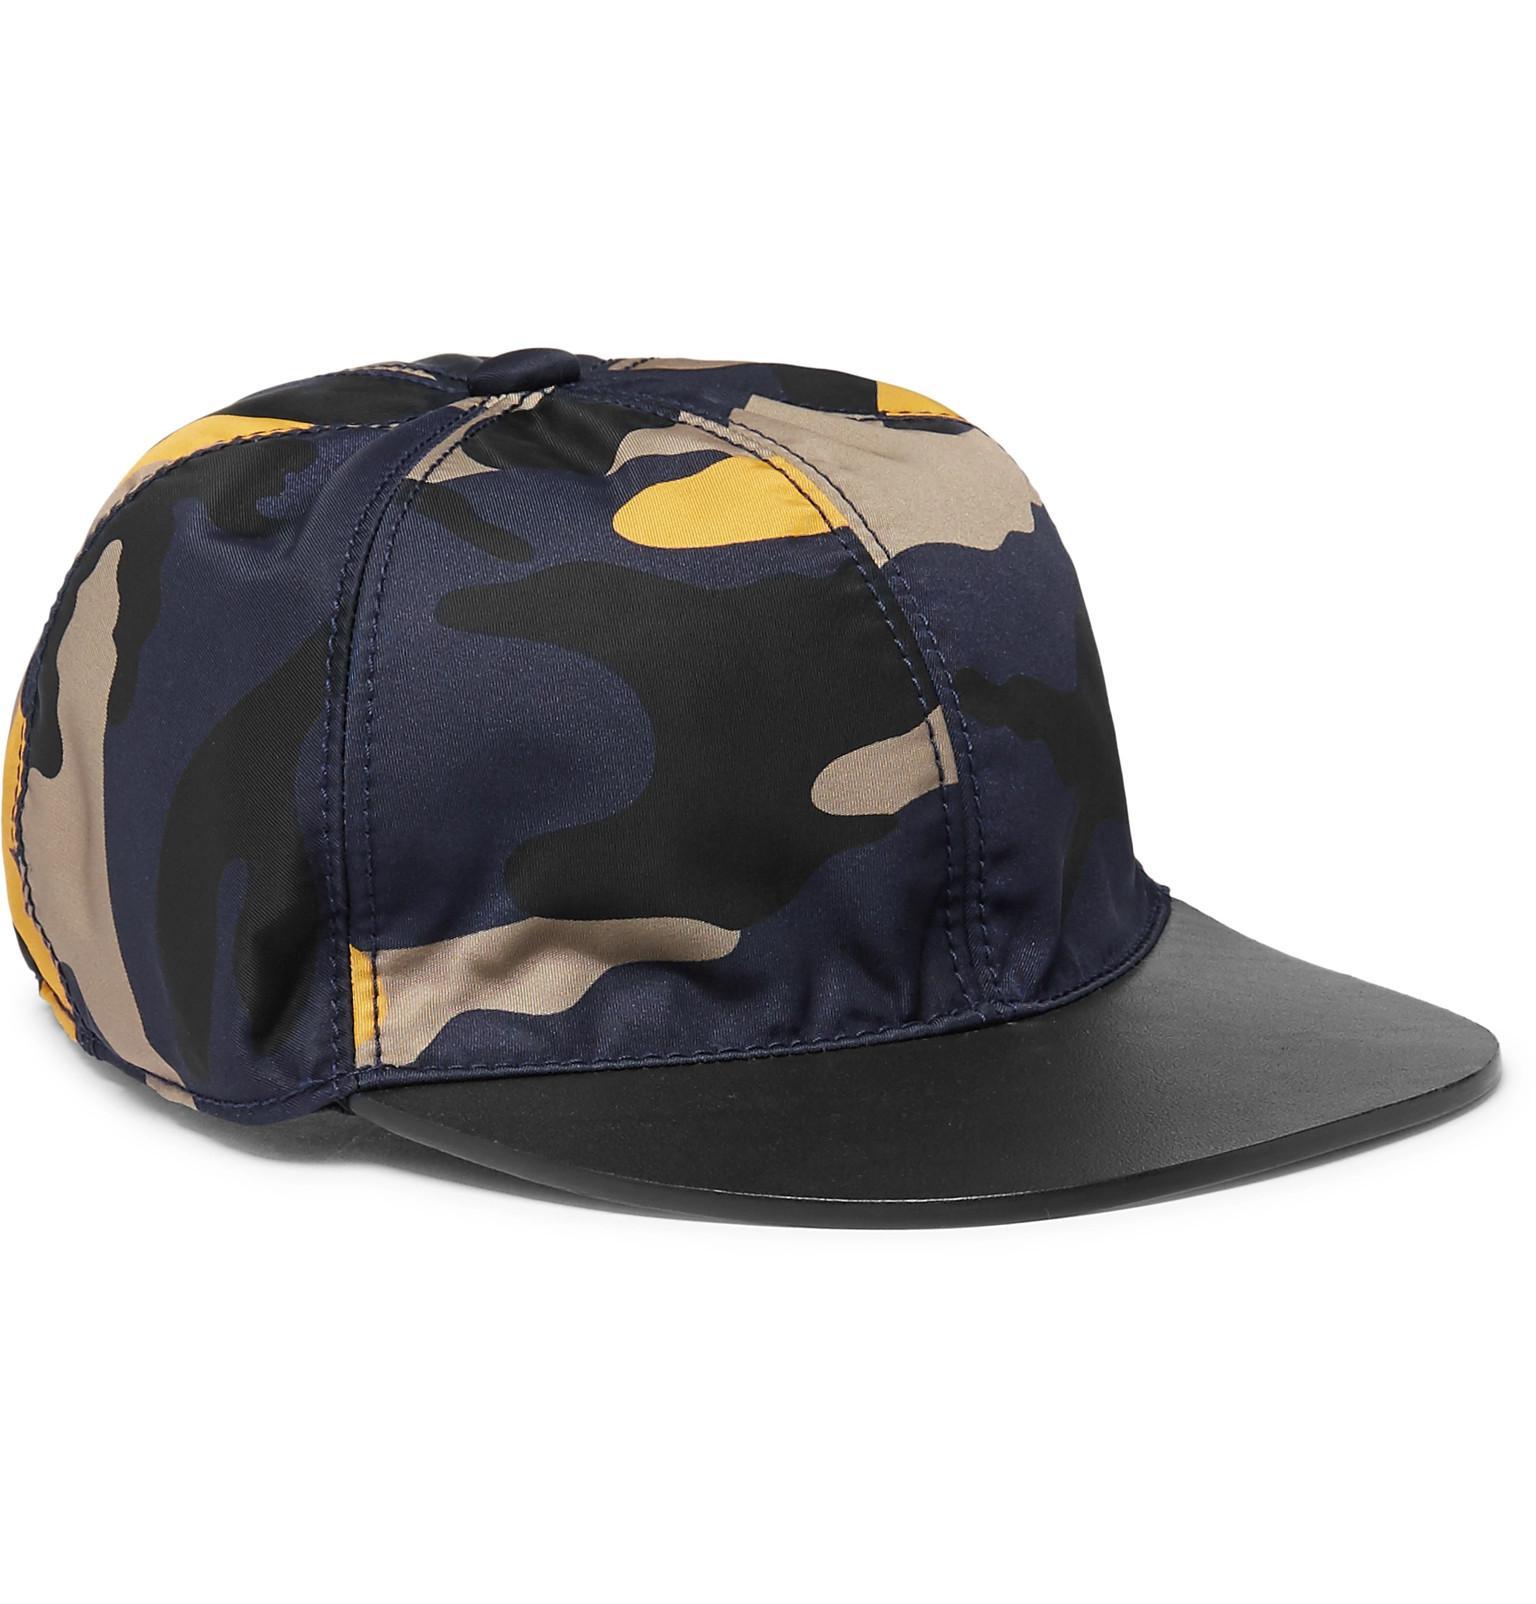 Shell Camuflaje-impresión Y Cuero Valentino Gorra De Béisbol MOXBOg8J5o